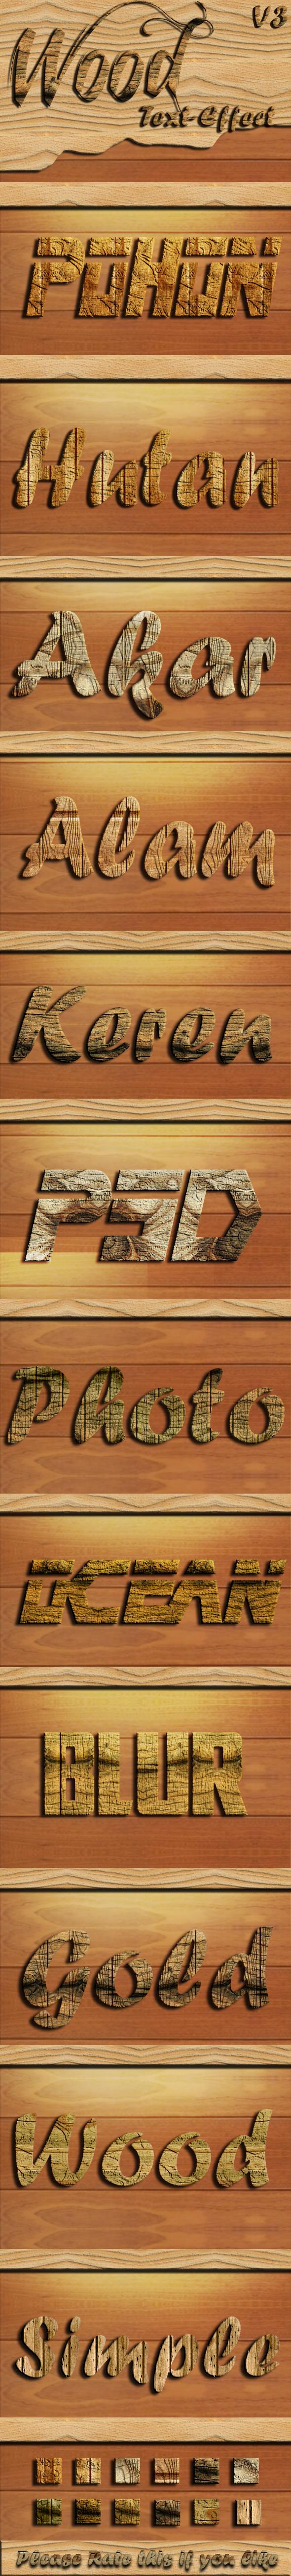 Wood Style V3 - Styles Photoshop